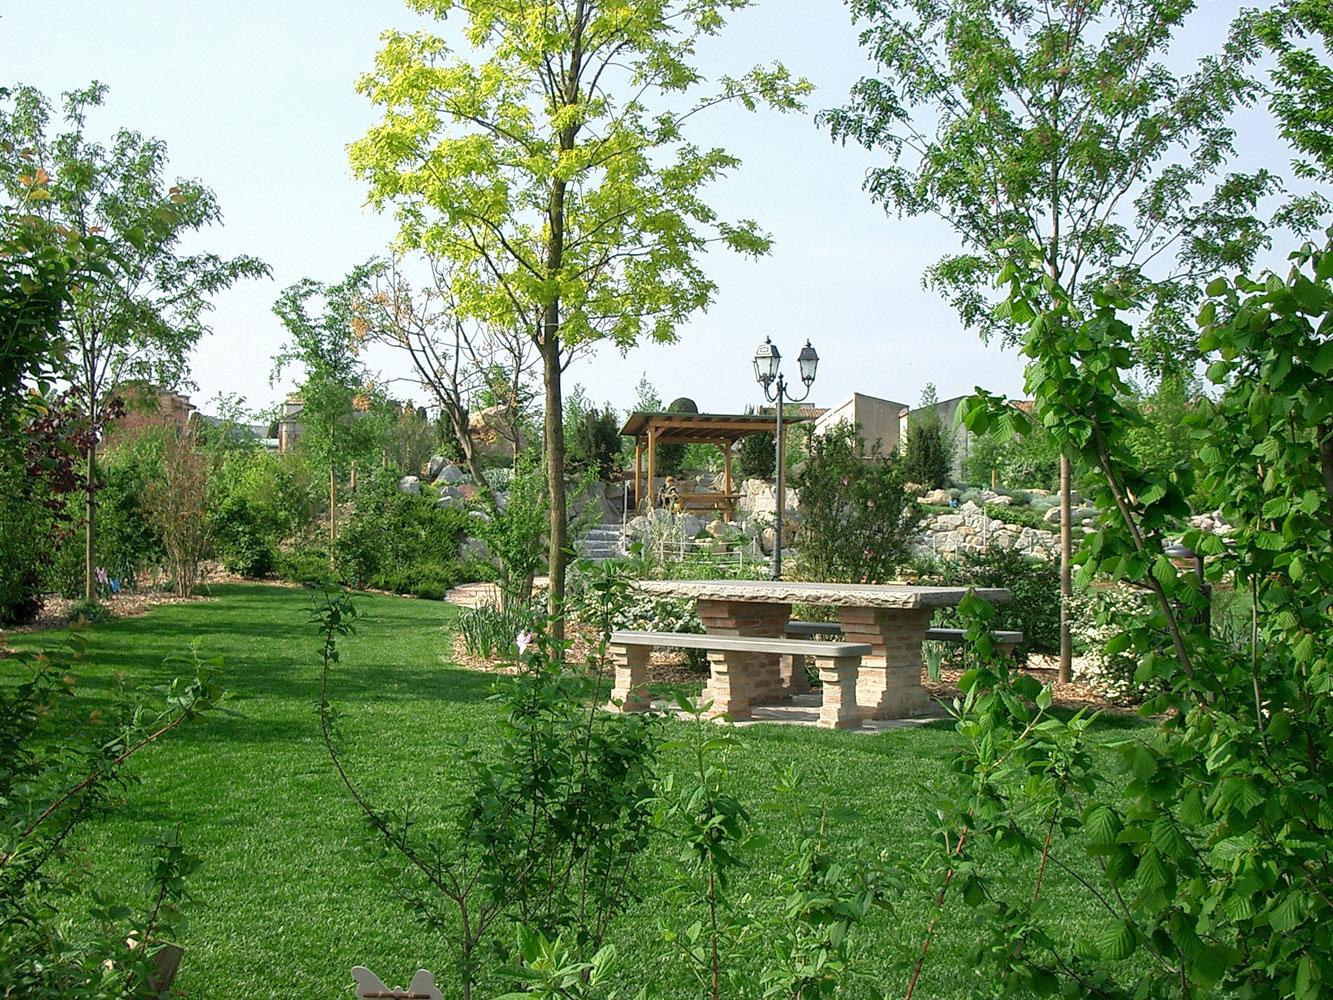 Il bosco il giardino degli angeli - Il giardino degli angeli ...